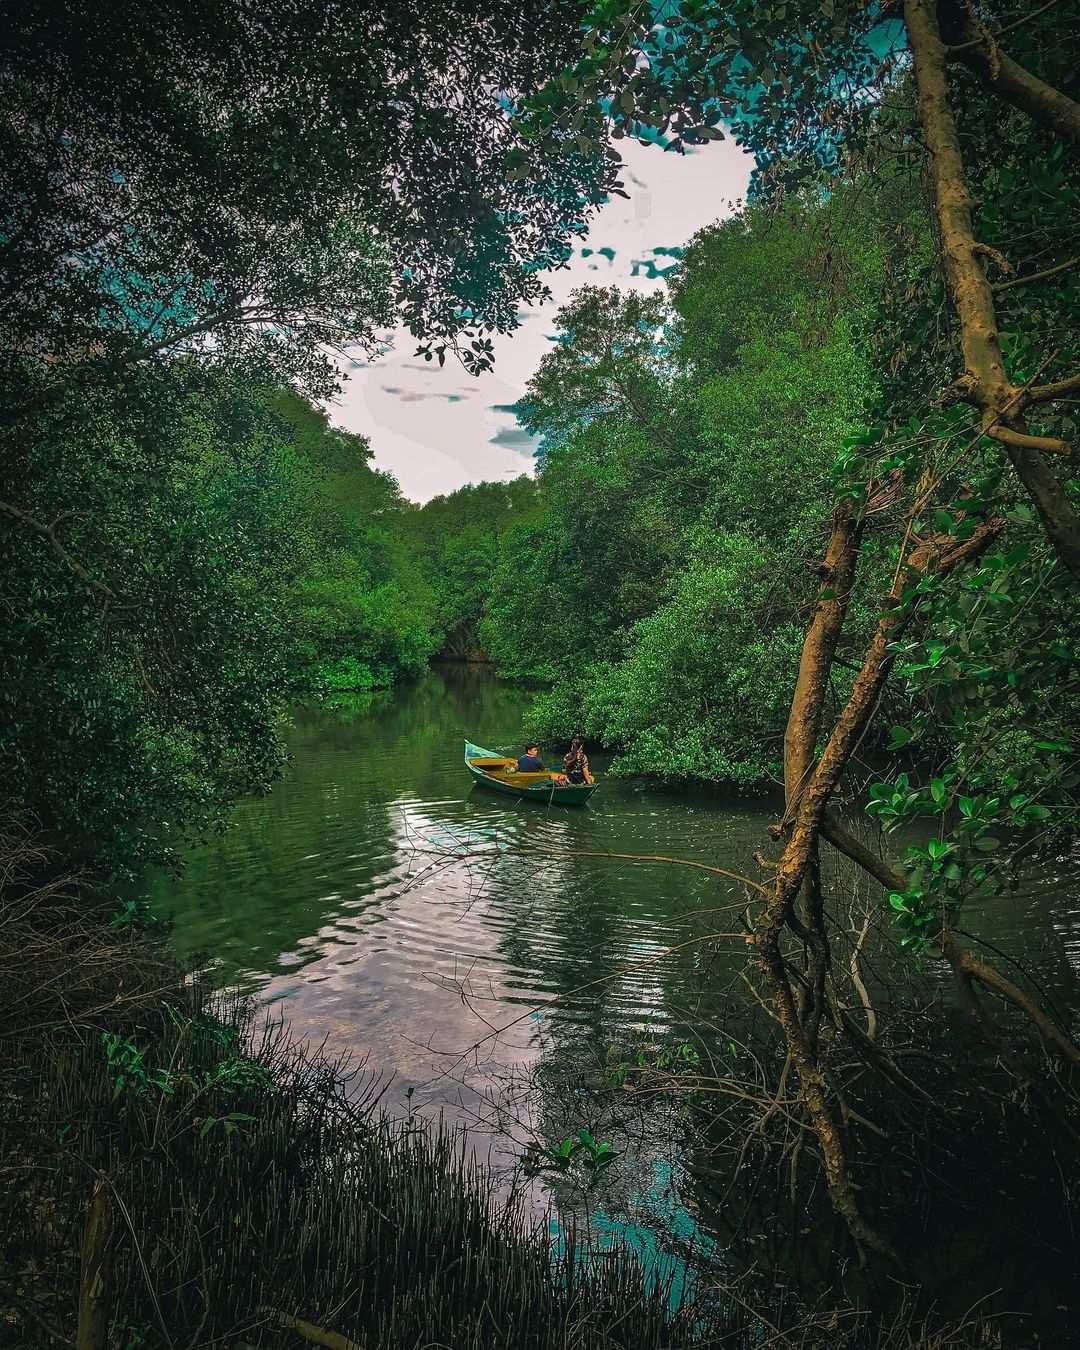 Hijaunya Pmandangan Di Mangrove PIK Jakarta Image From @senjamaya